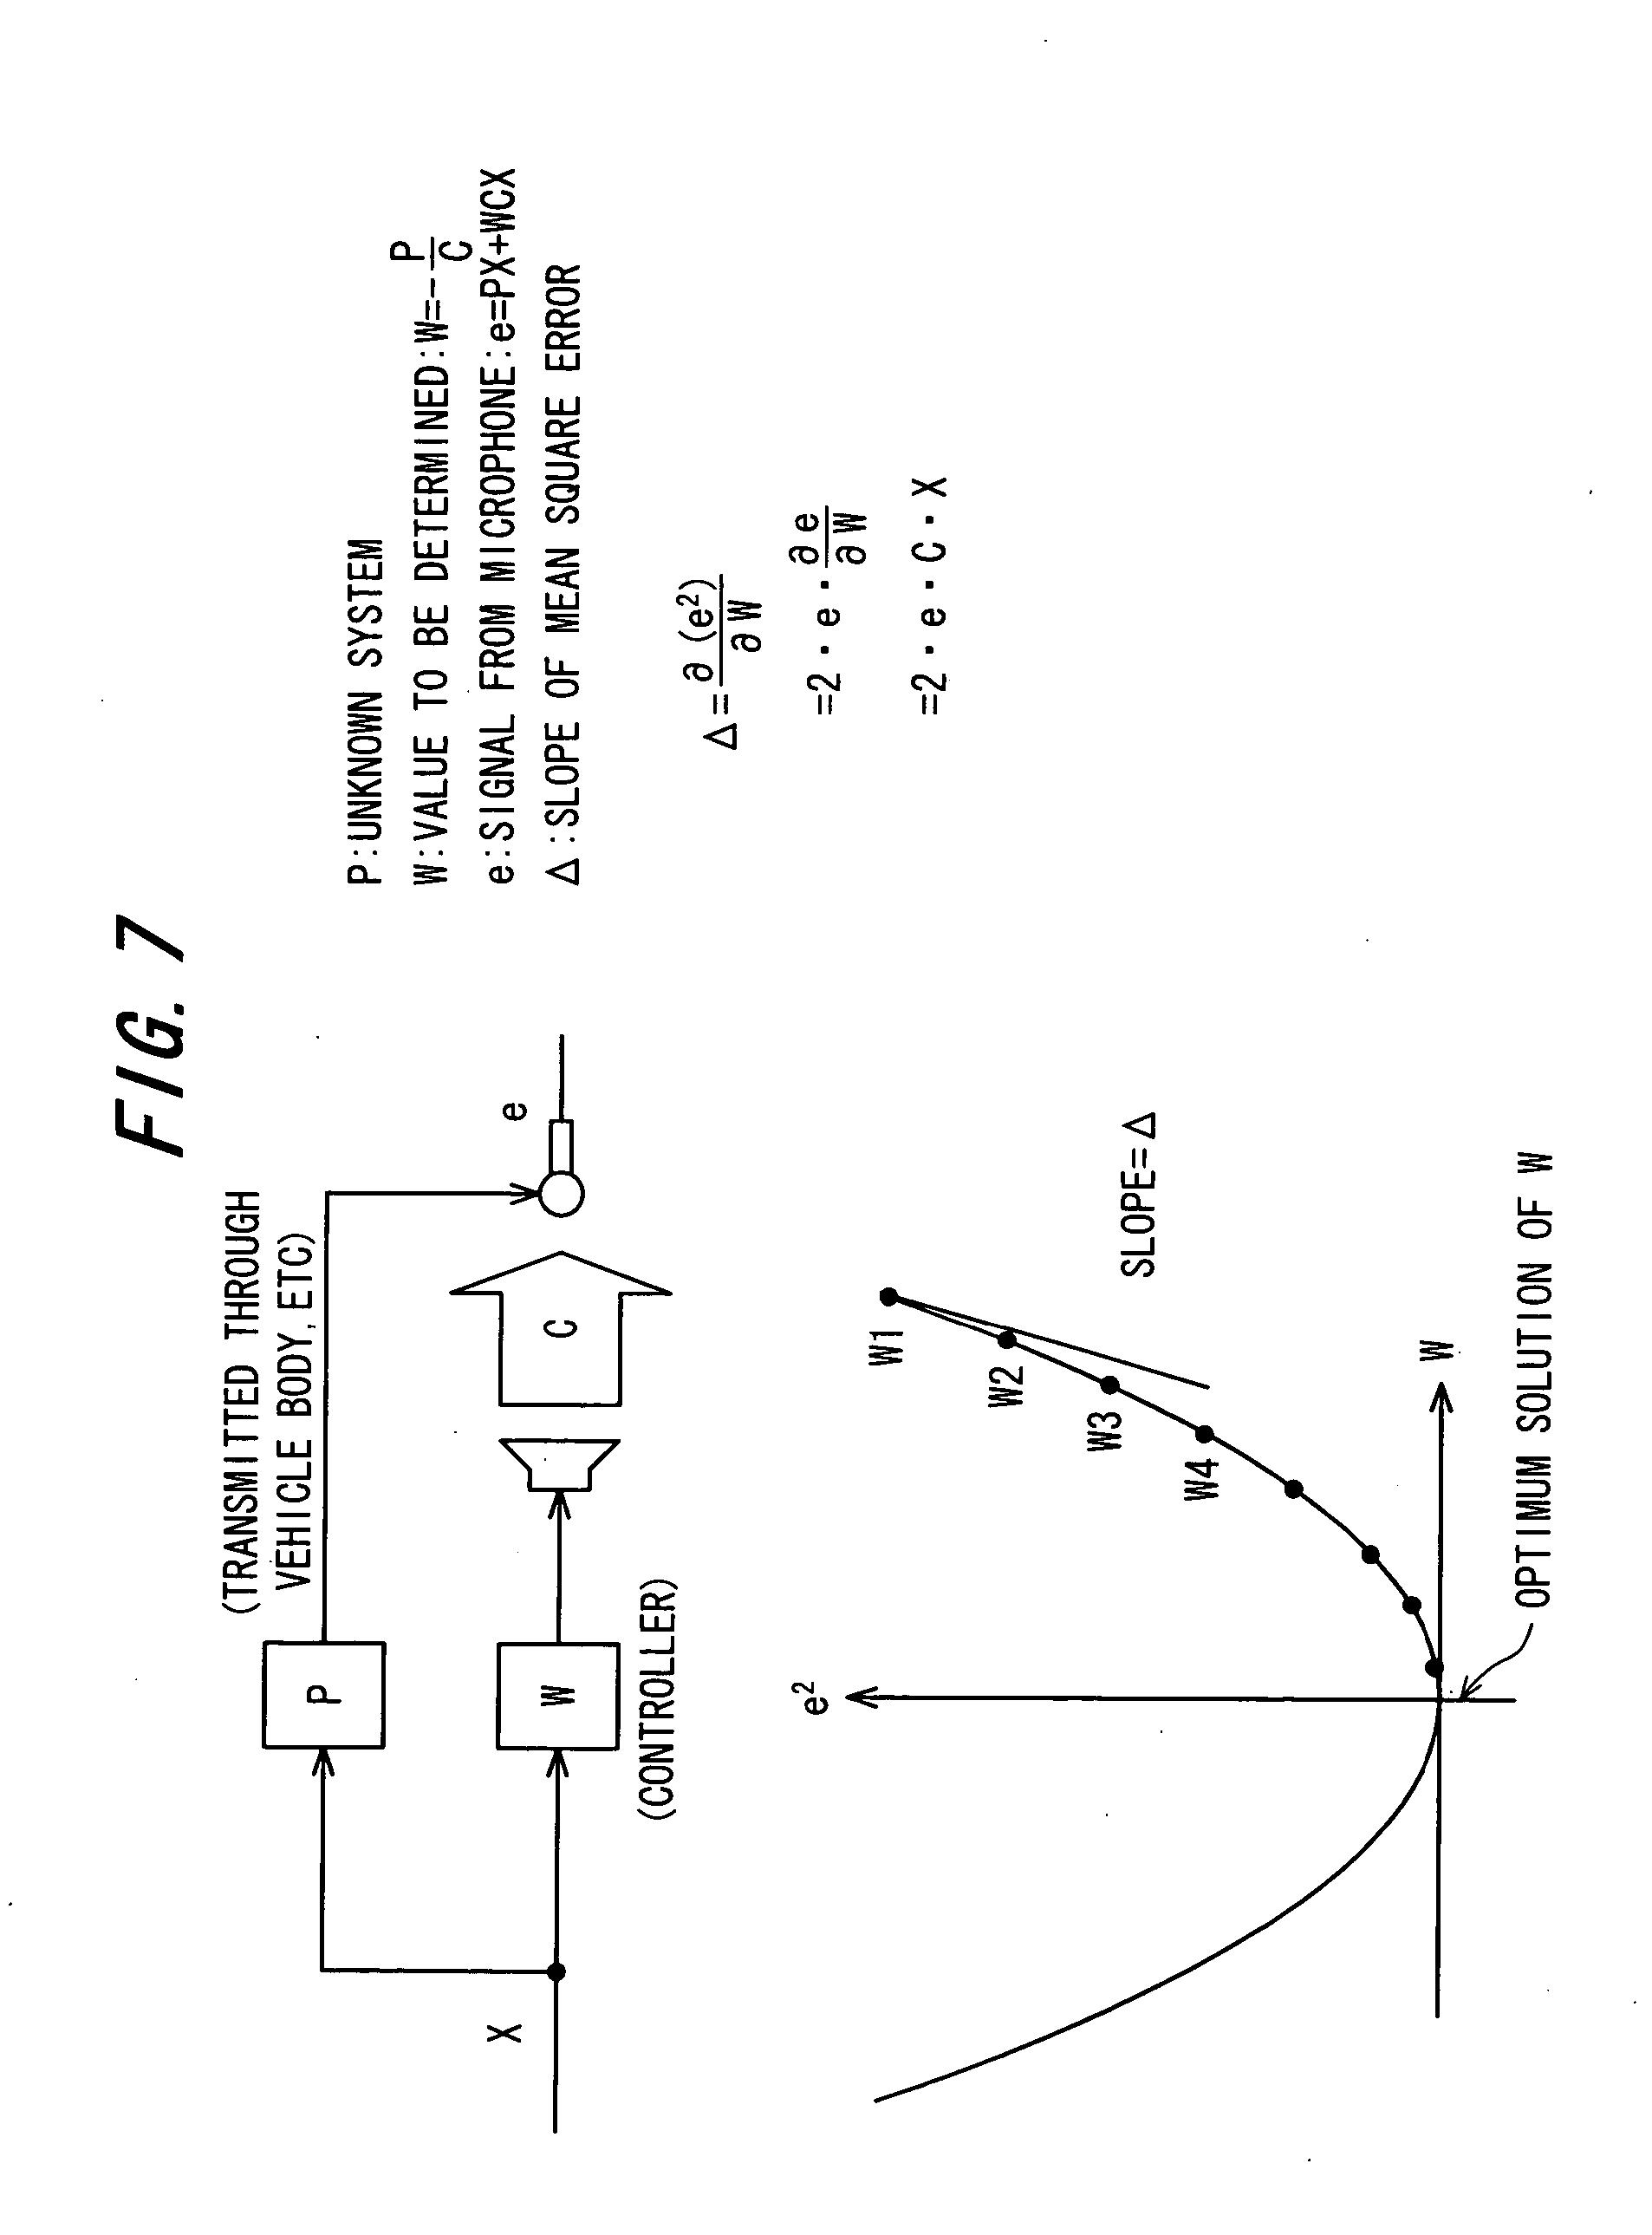 patent us20050053244